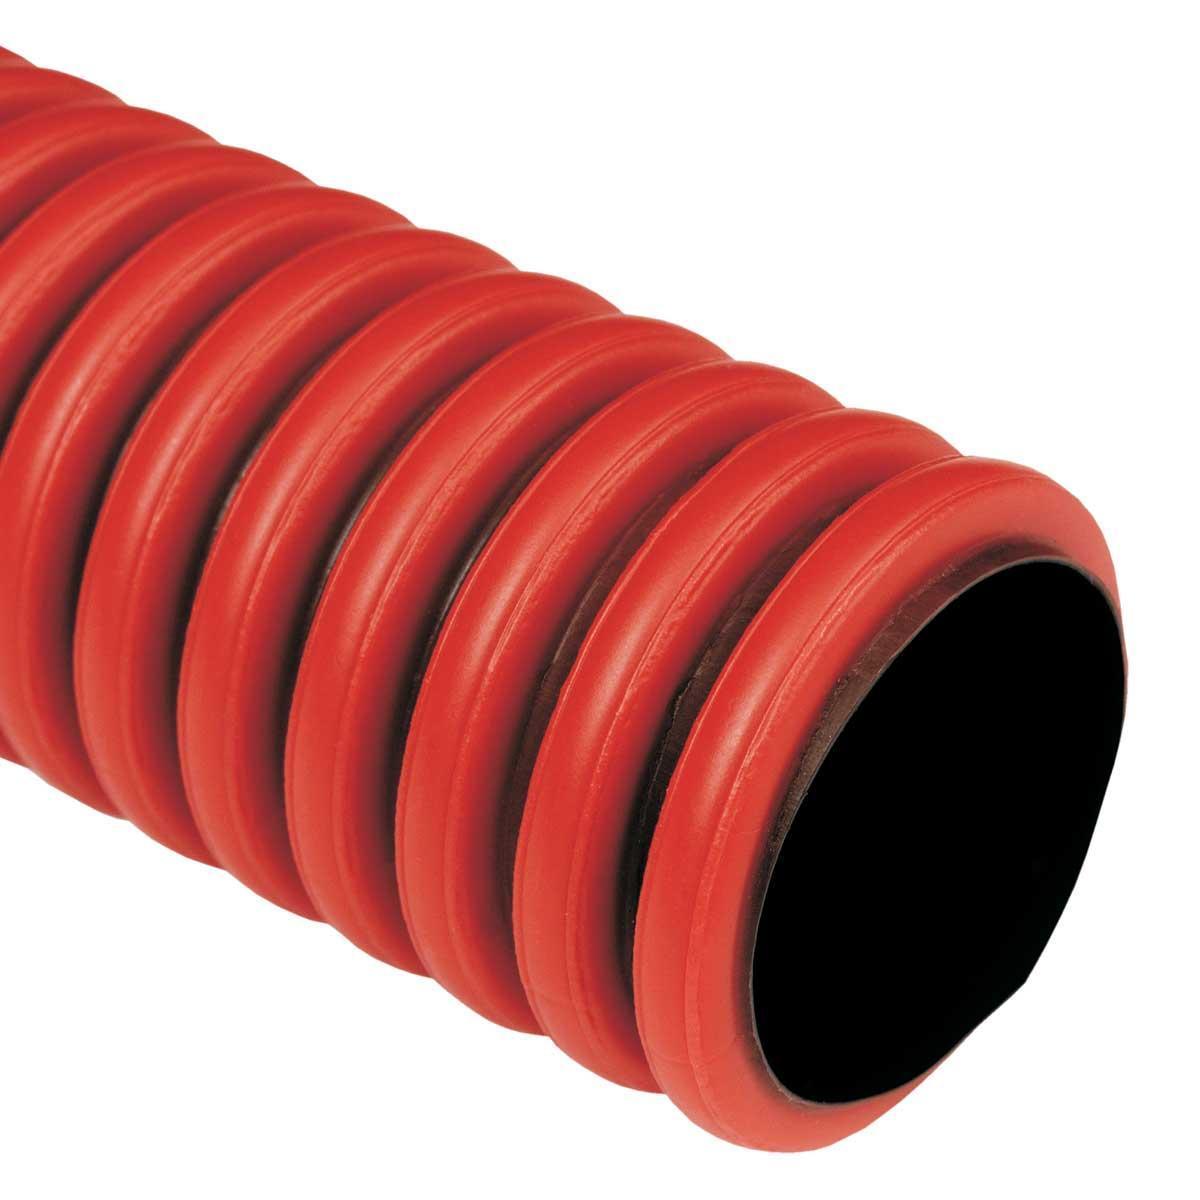 Труба гофрована гнучка двошарова Копофлекс, чорна, протяжка, ; Ø63мм; поліетилен HDPE